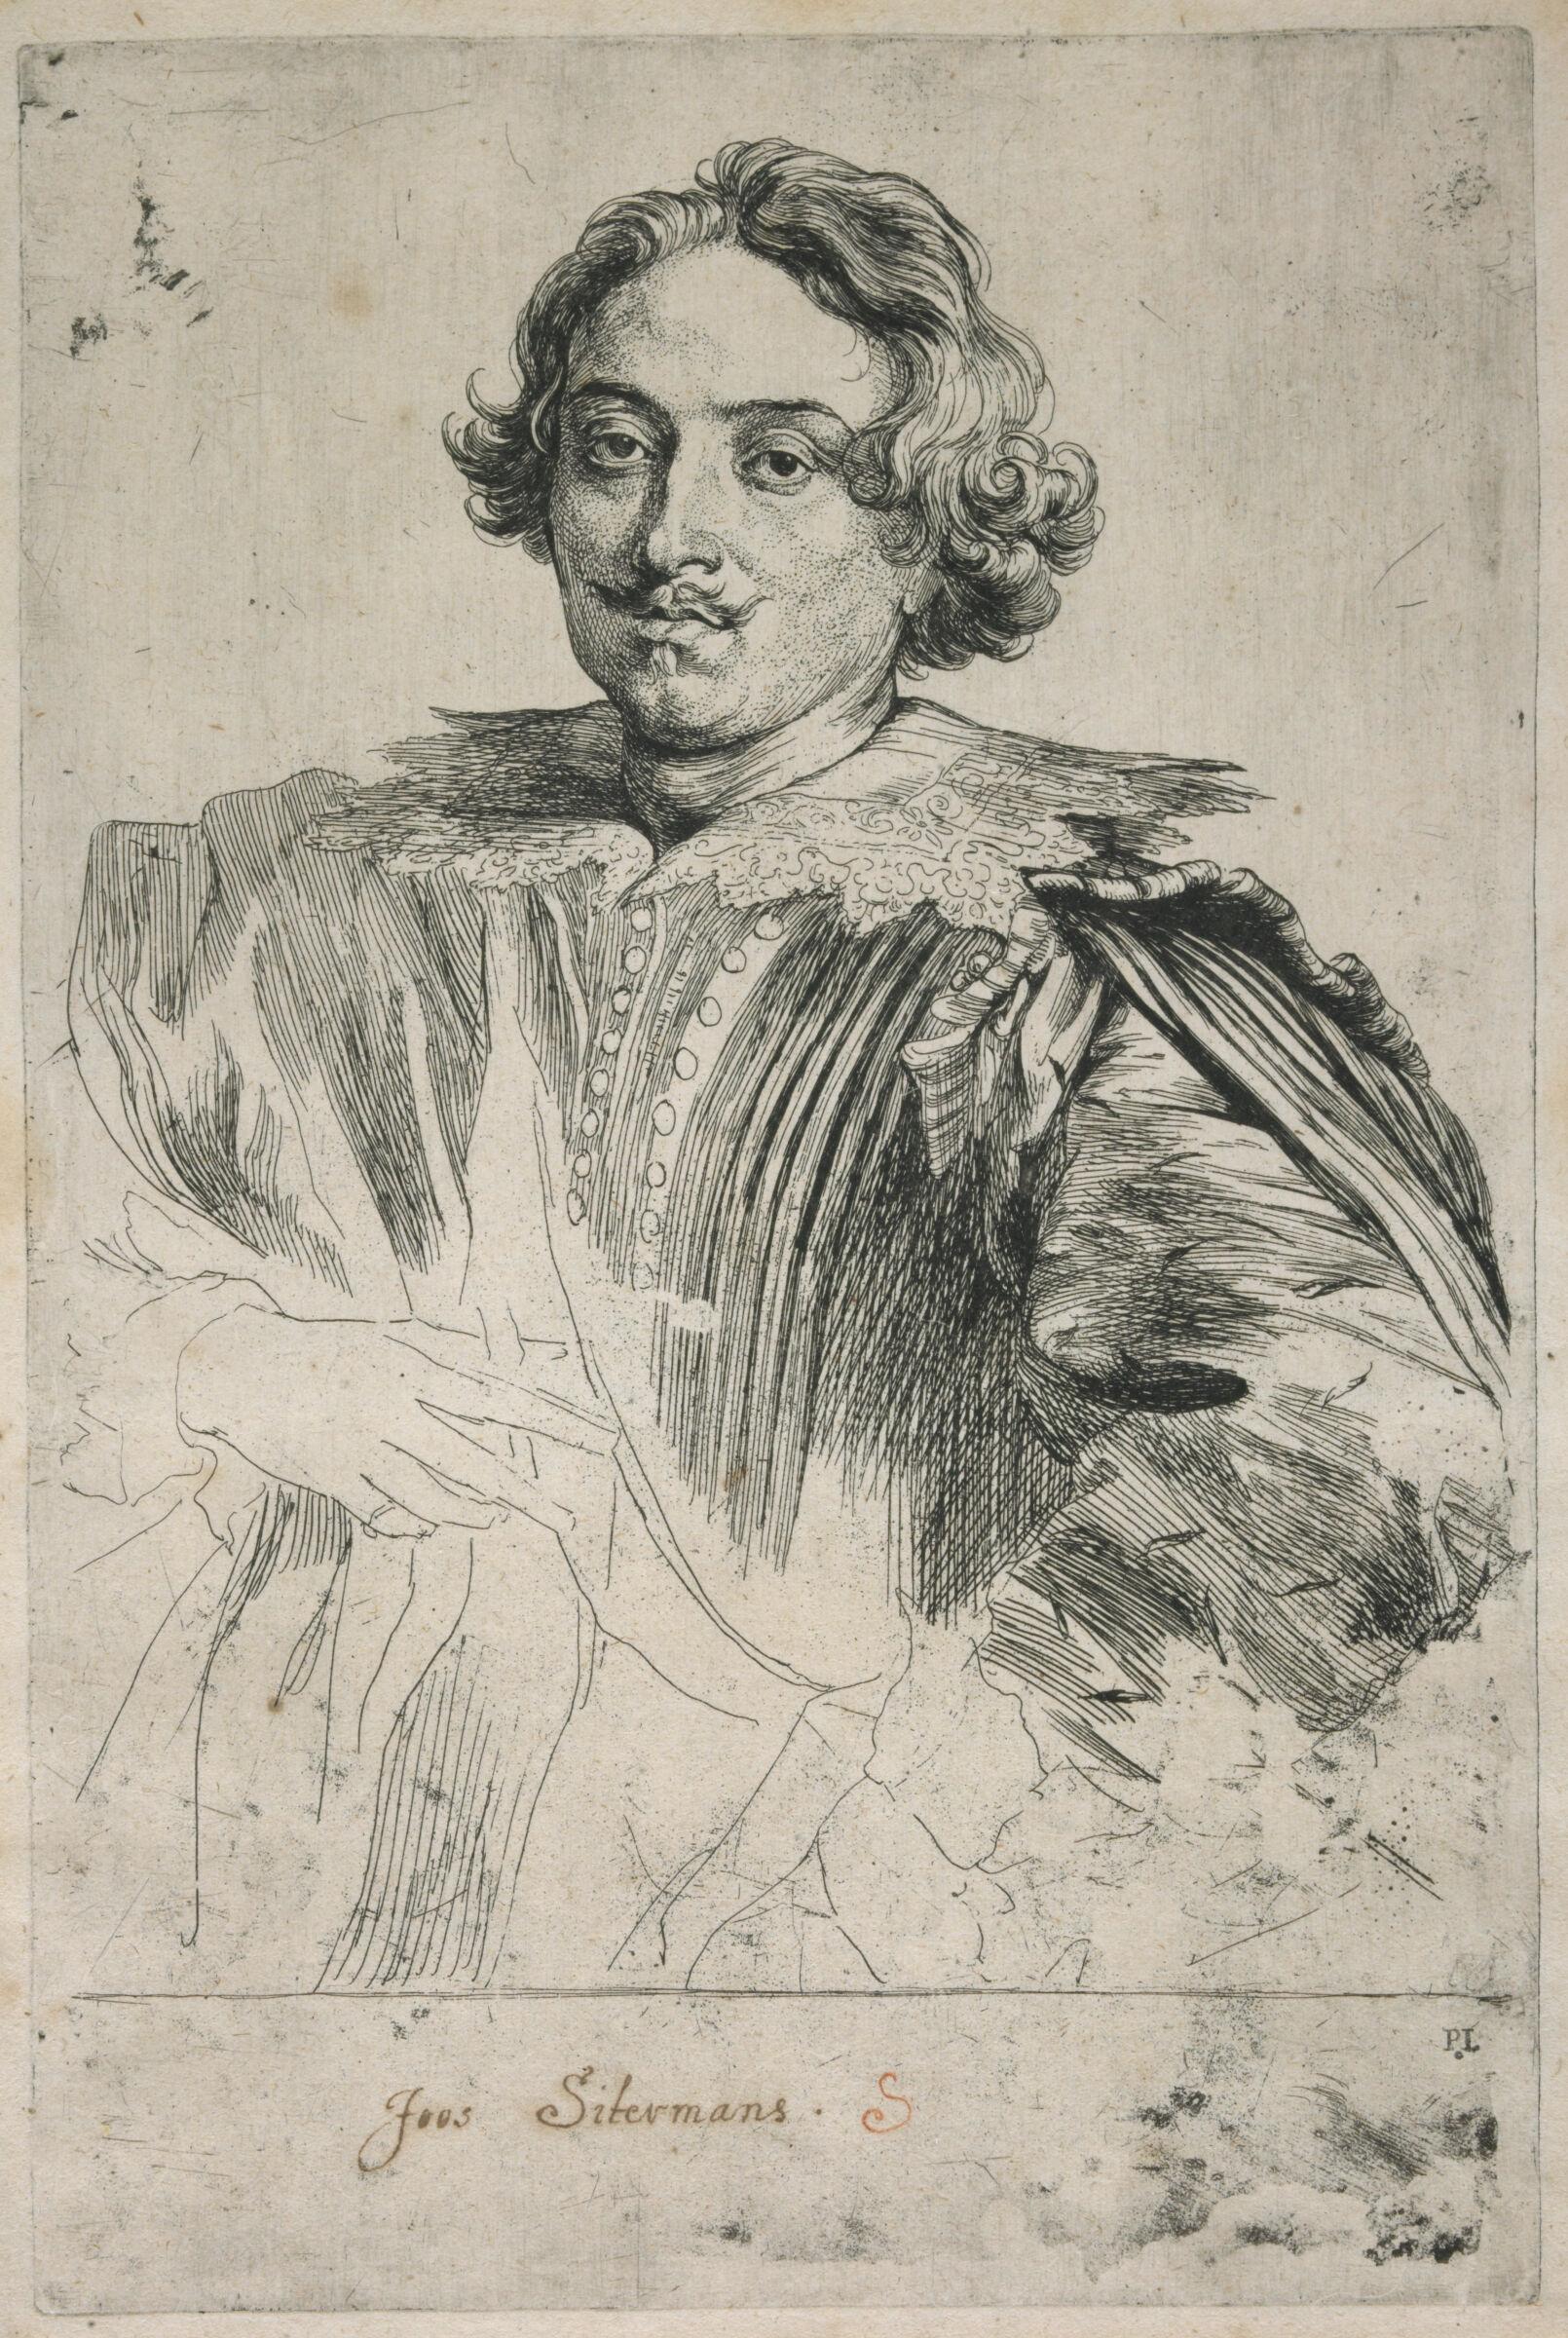 Justus Susterman